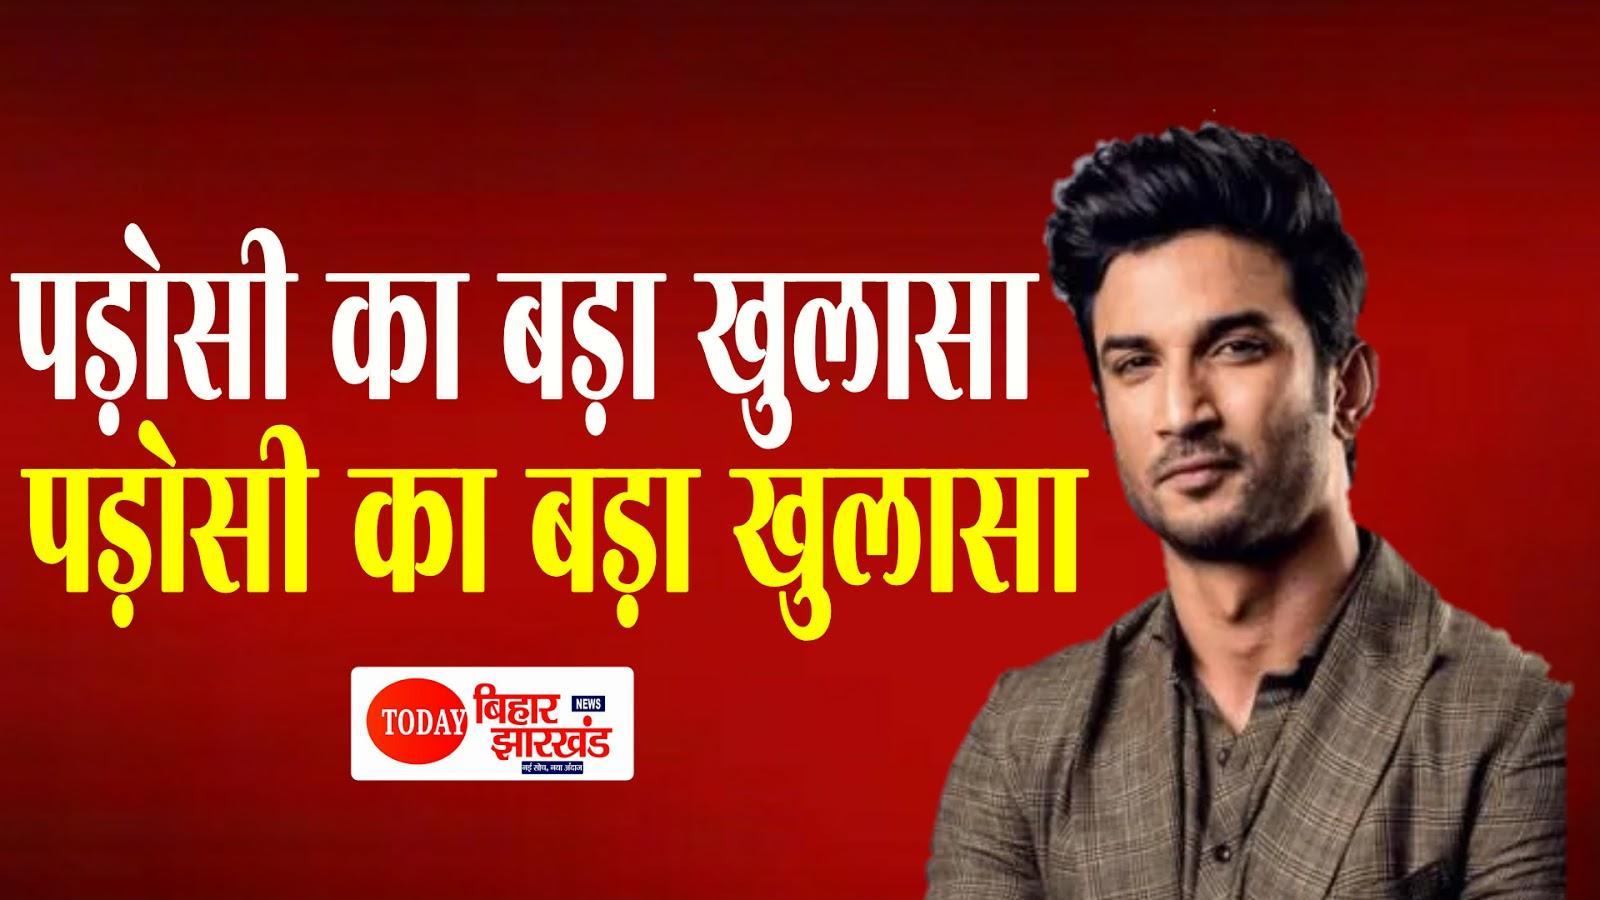 सुशांत सिंह राजपूत की पड़ोसी का बड़ा खुलासा, कहा- 13 जून को अभिनेता के घर नहीं हुई थी पार्टी